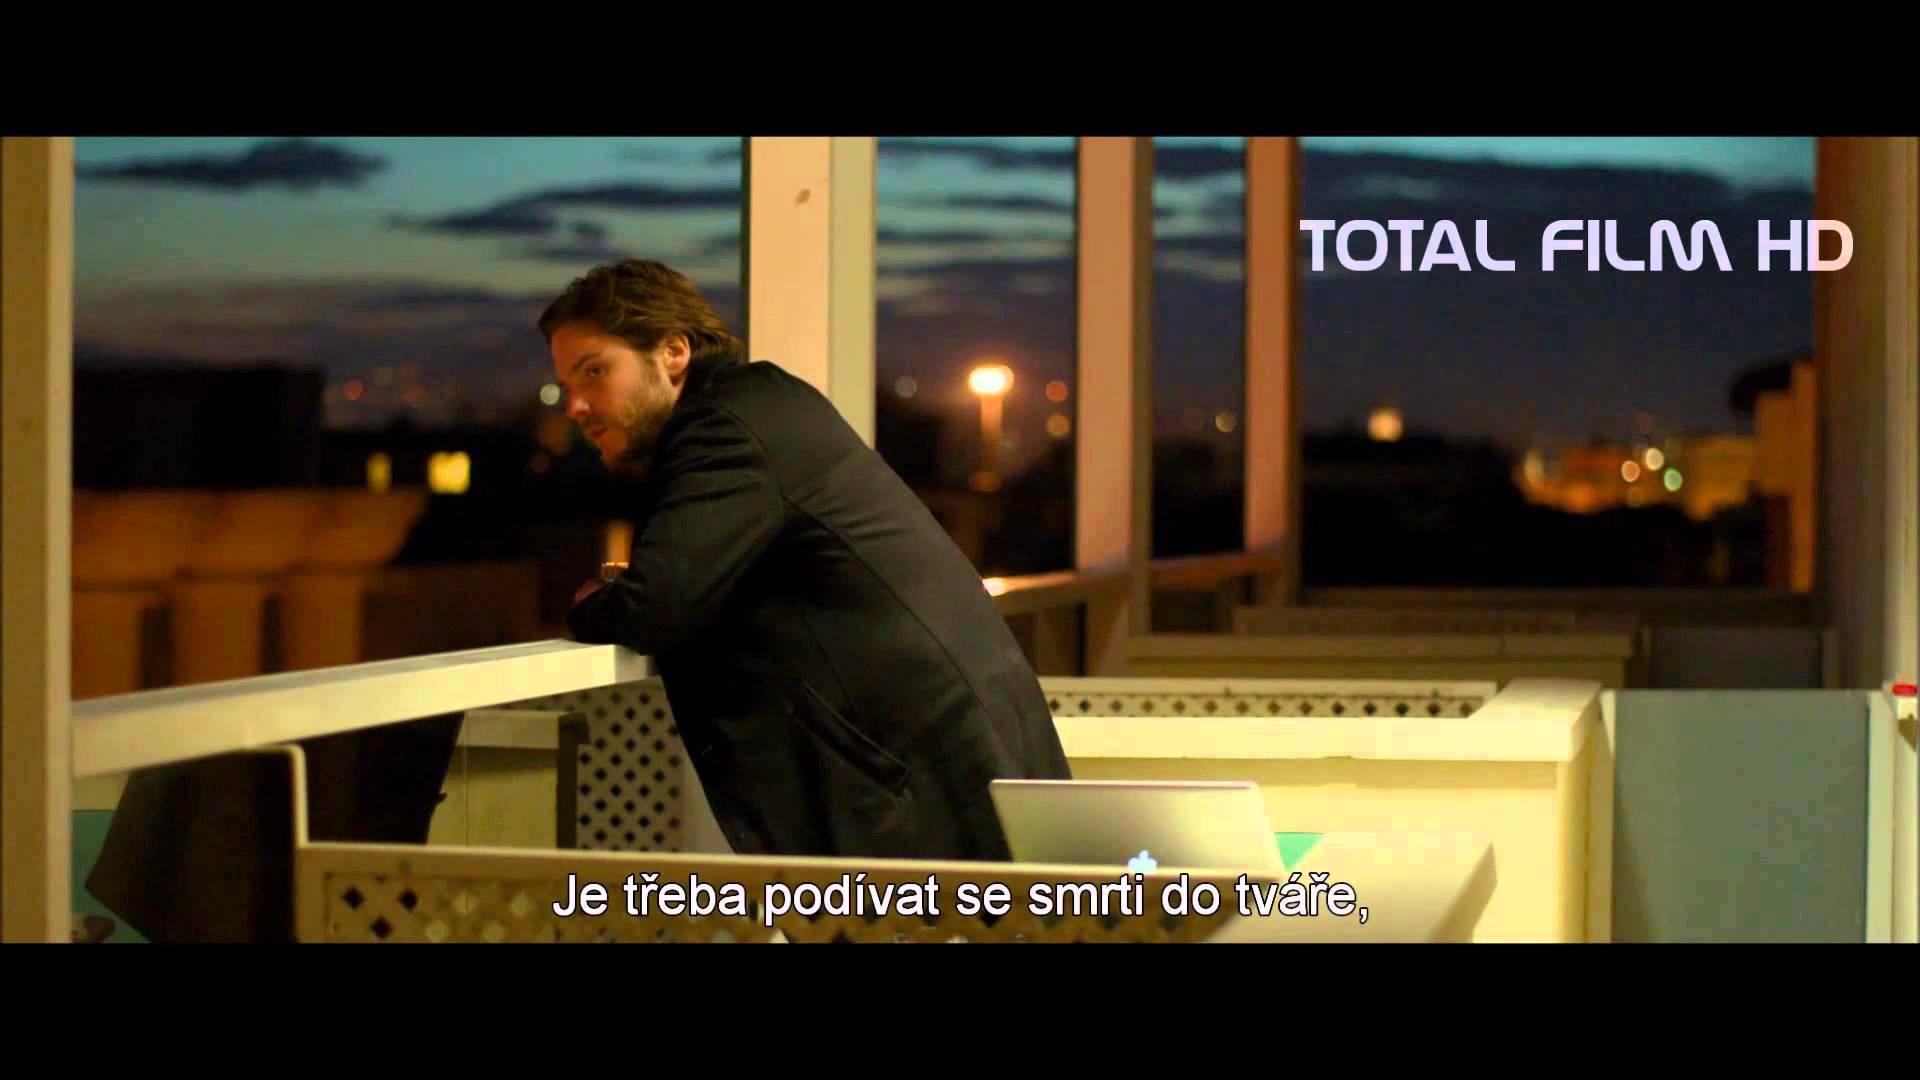 S tváří anděla (2014) CZ HD trailer